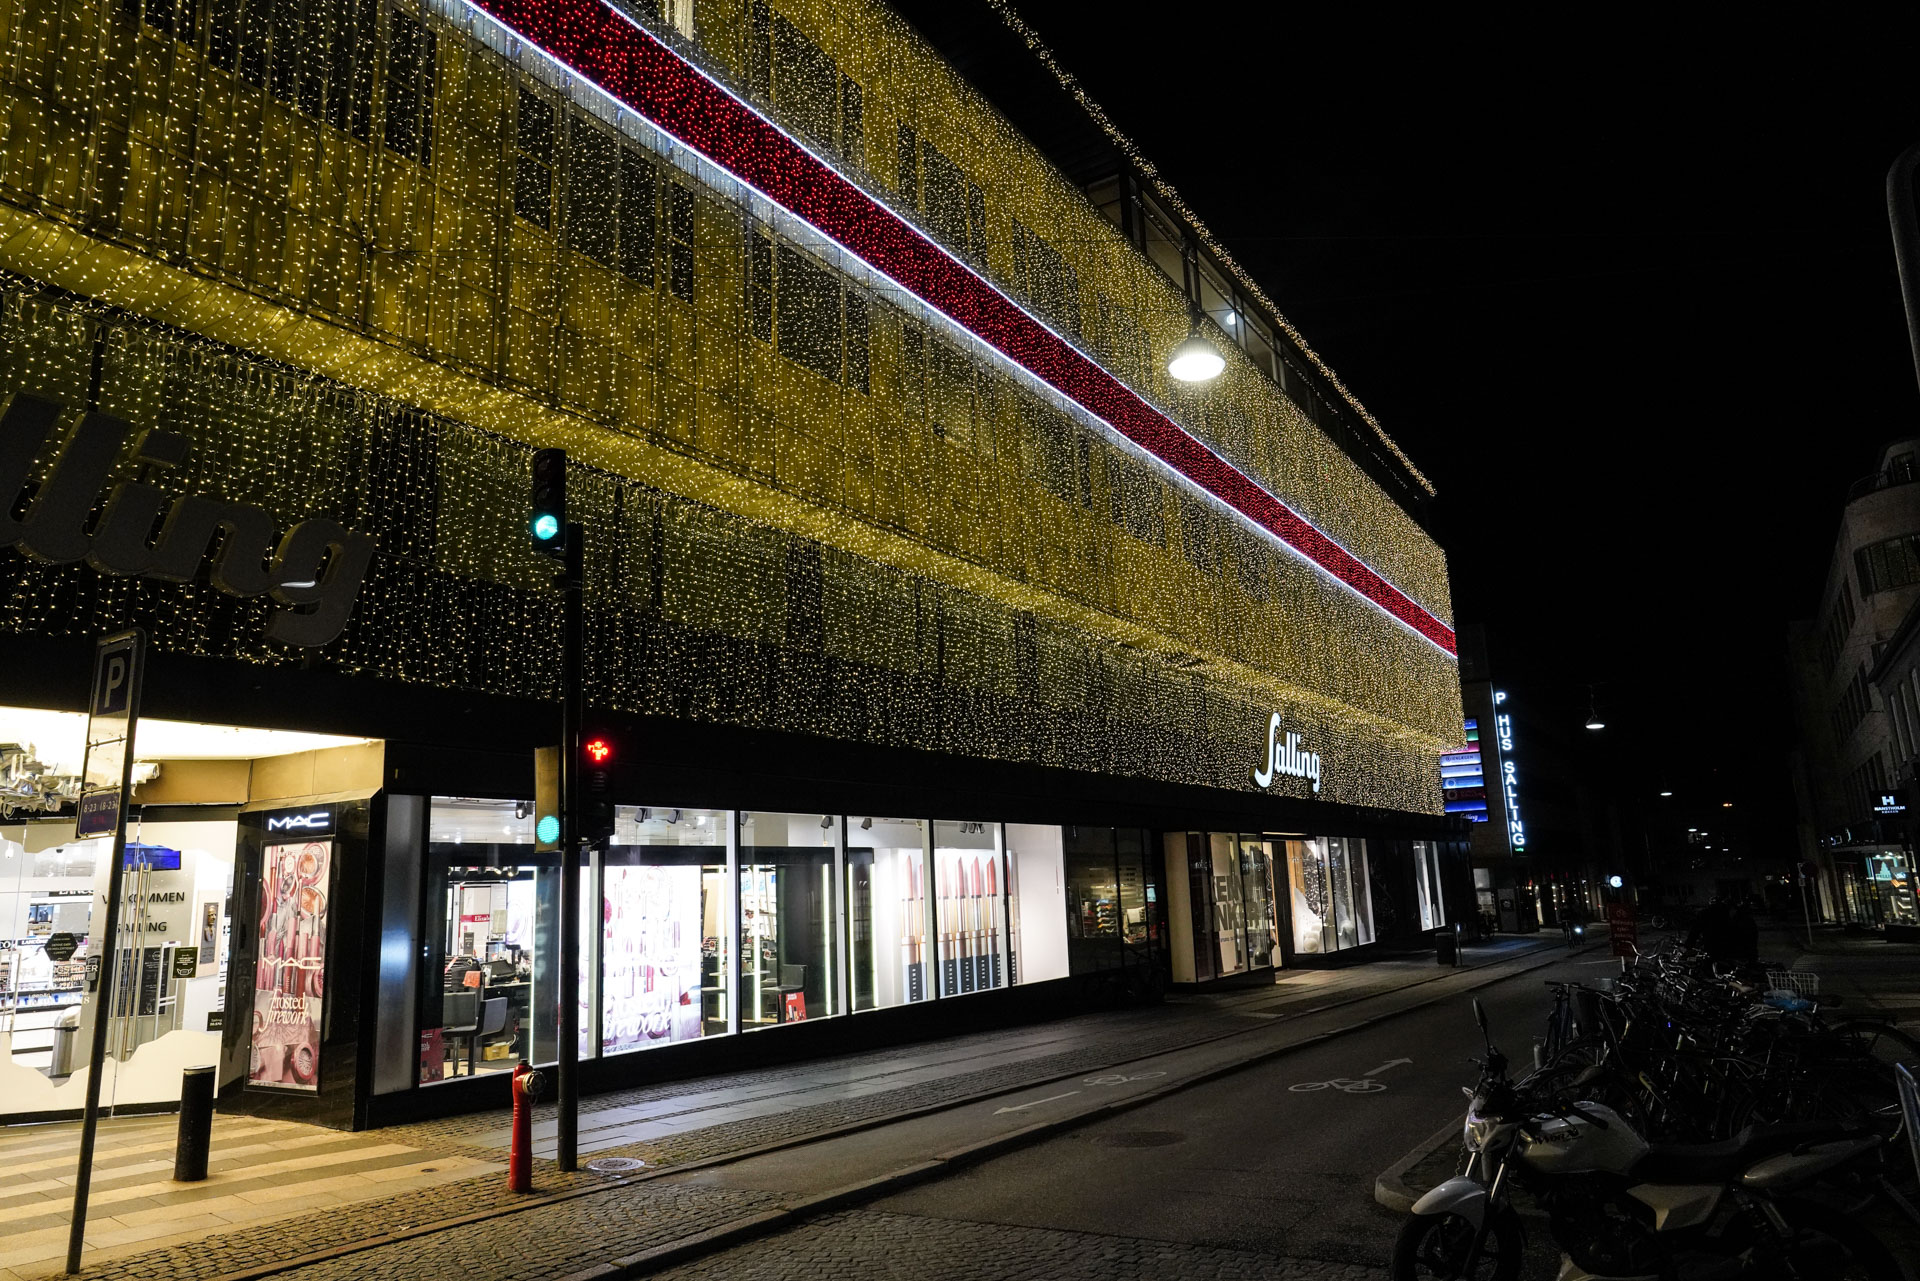 I al hemmelighed: Sallings gigantiske julelys er tændt